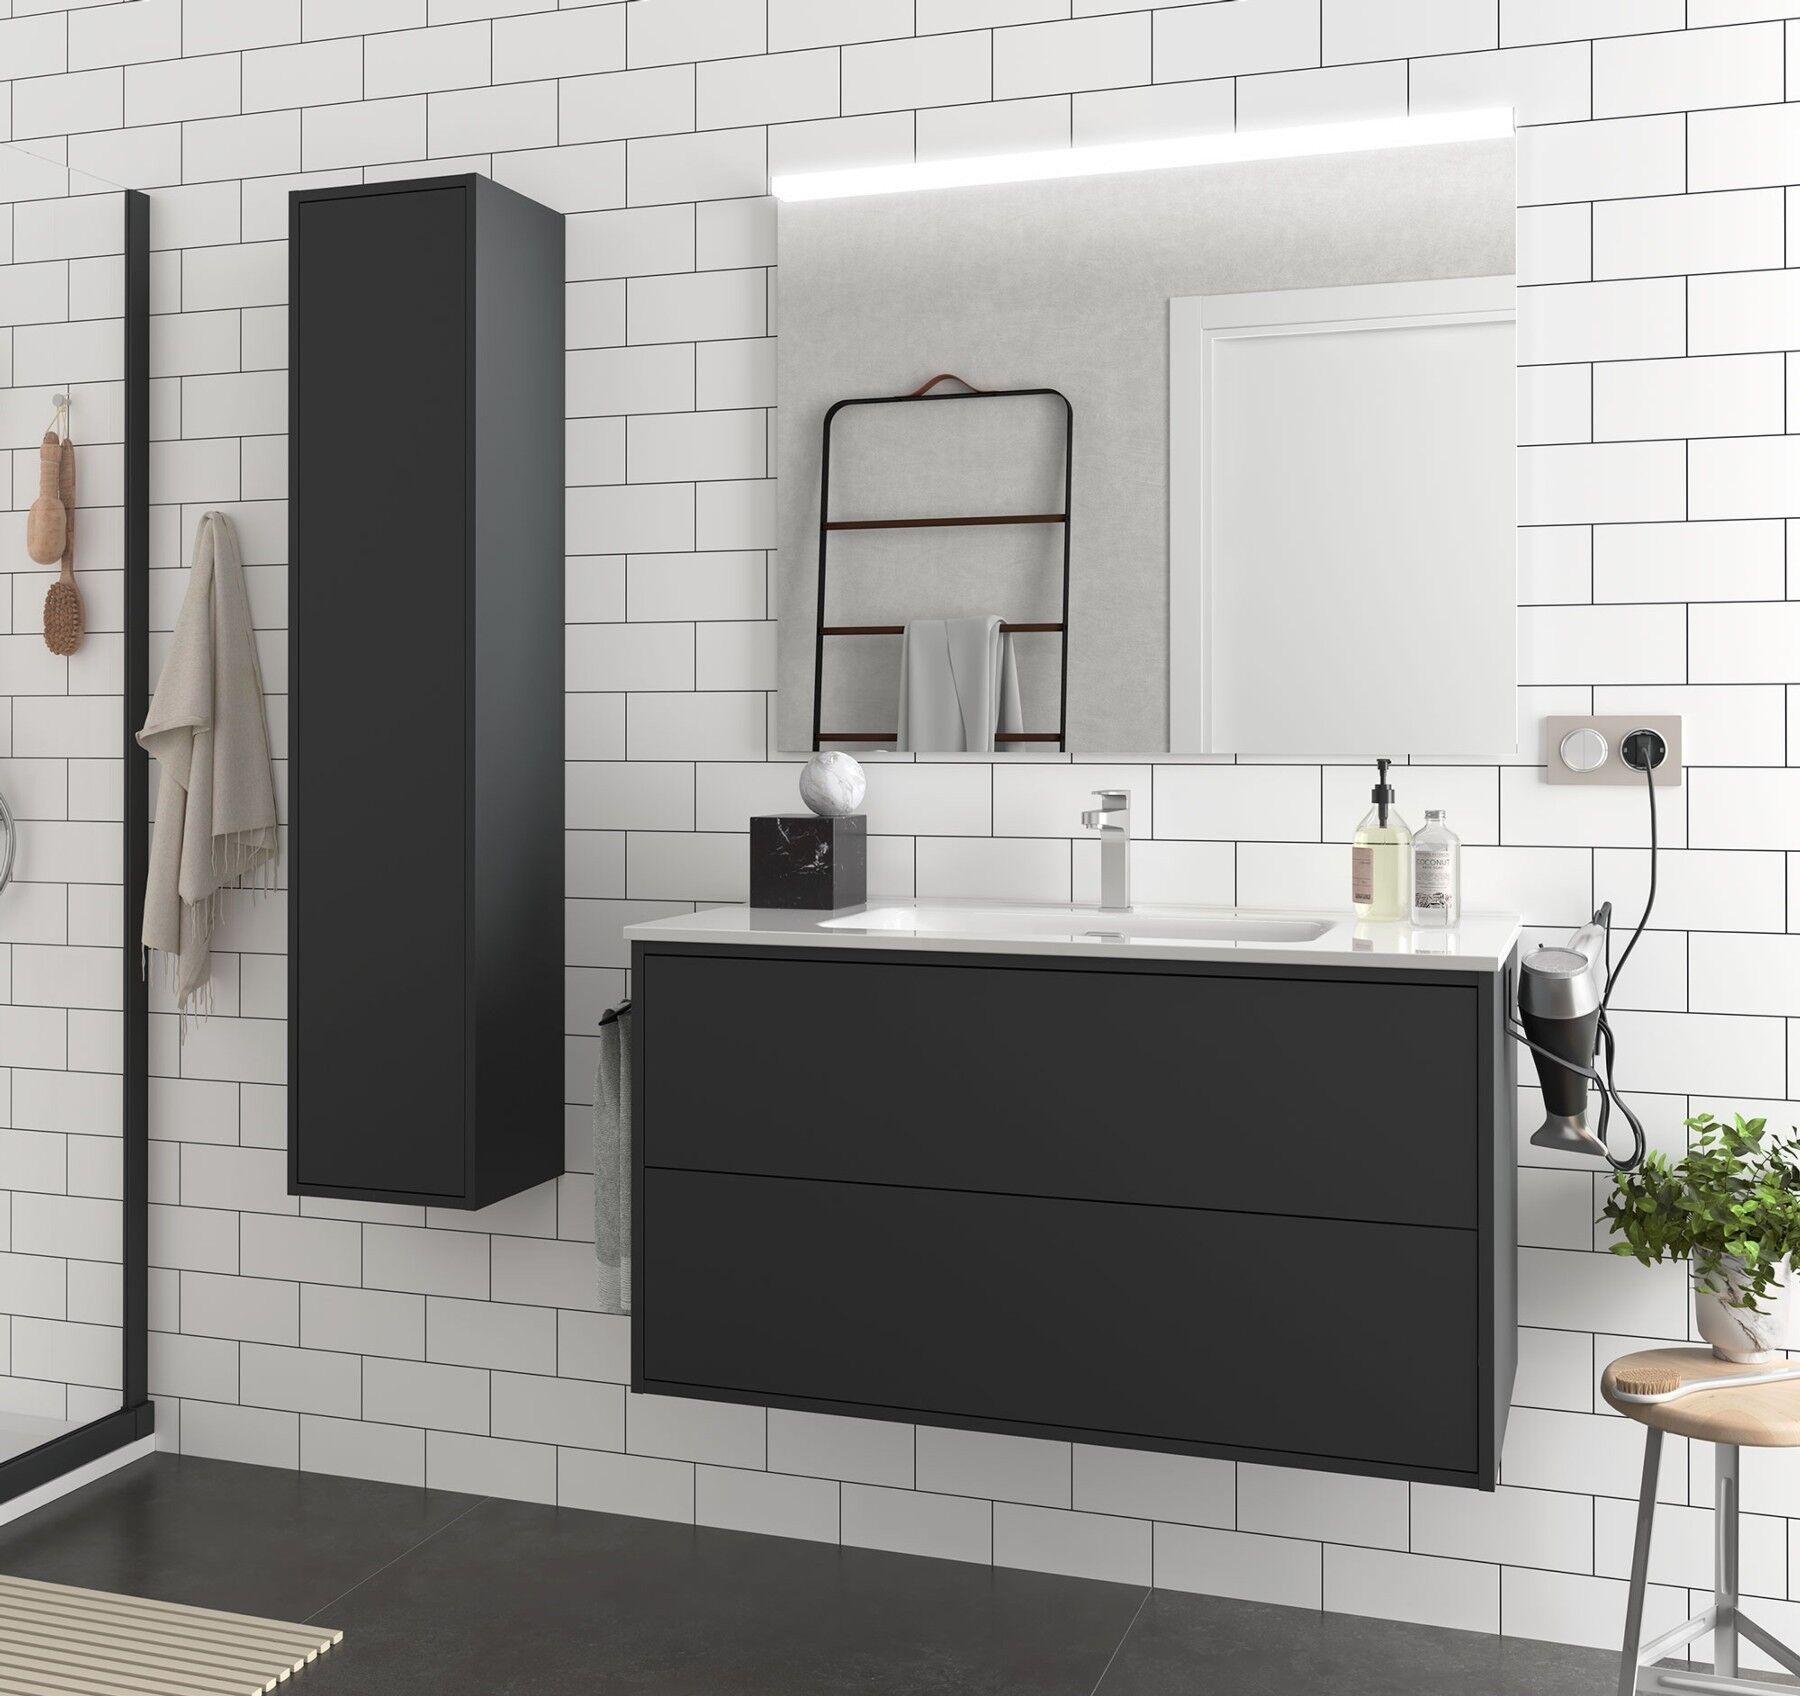 caesaroo mobile bagno sospeso 100 cm ulisse in legno nero opaco con lavabo in porcellana   100 cm - con specchio e lampada led